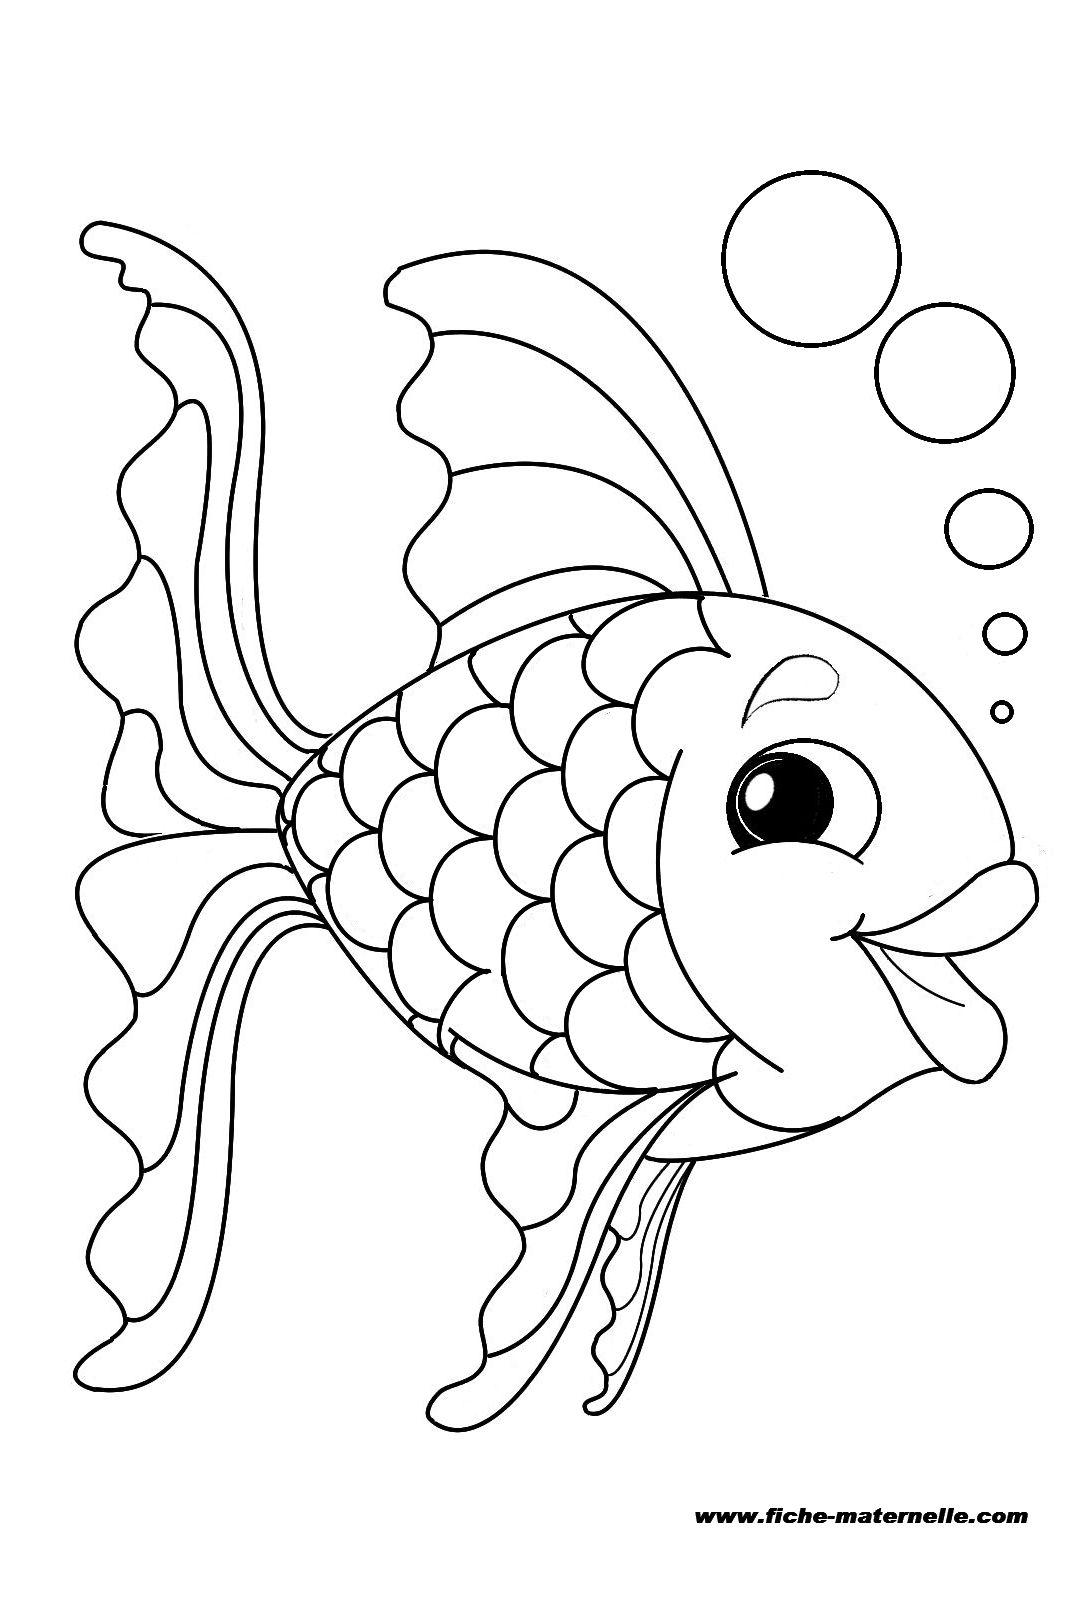 Top 106 dessins de coloriage poisson à imprimer sur LaGuerche.com  AH01